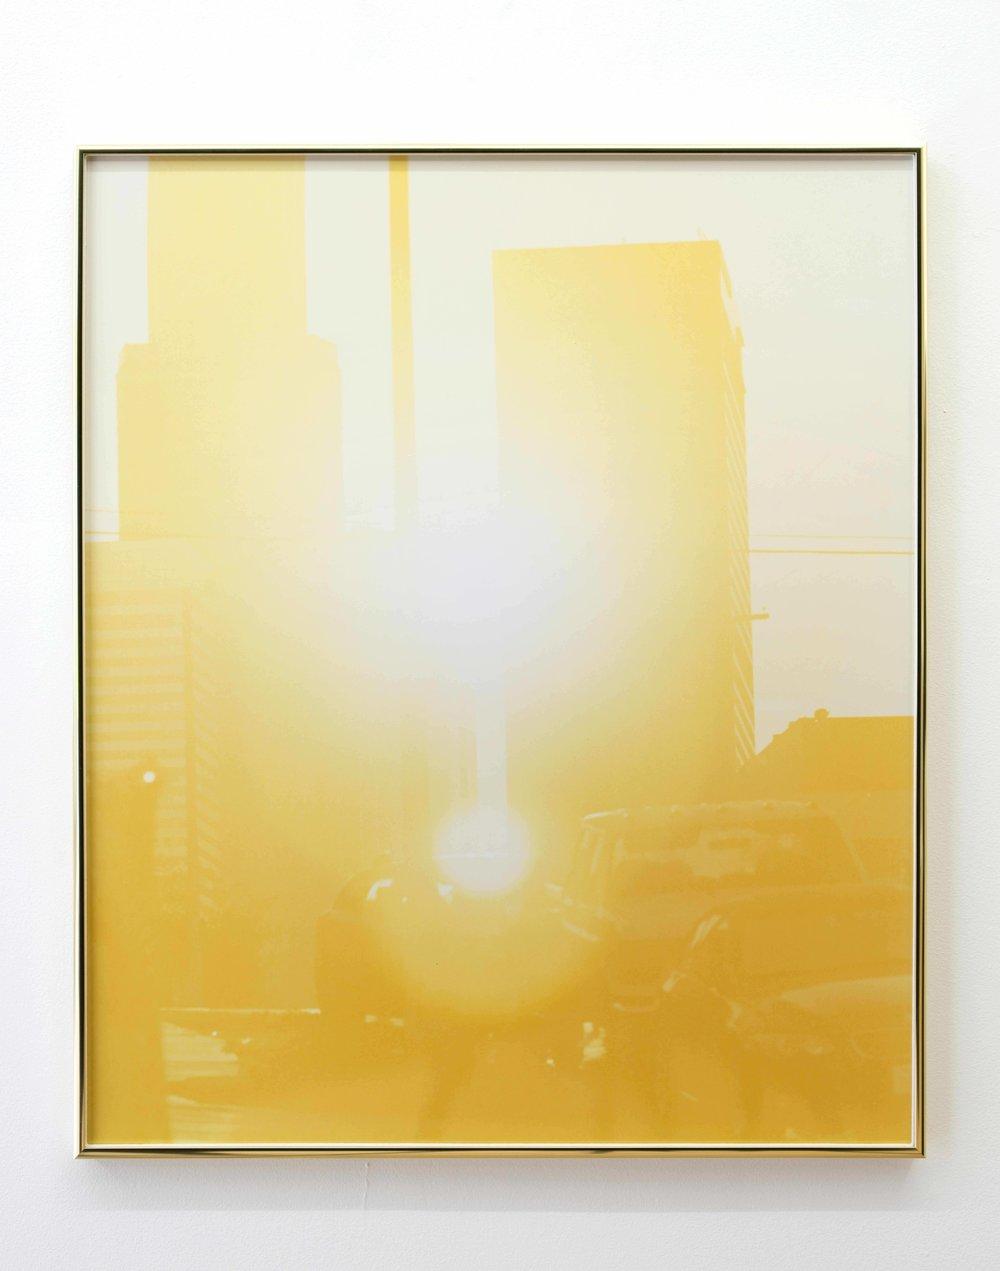 Sébastien Reuzé, SOLEIL DSC_4443 (2017),  2017, RC print - Papier Fuji Cristal Archive, 51 x 61 cm with frame